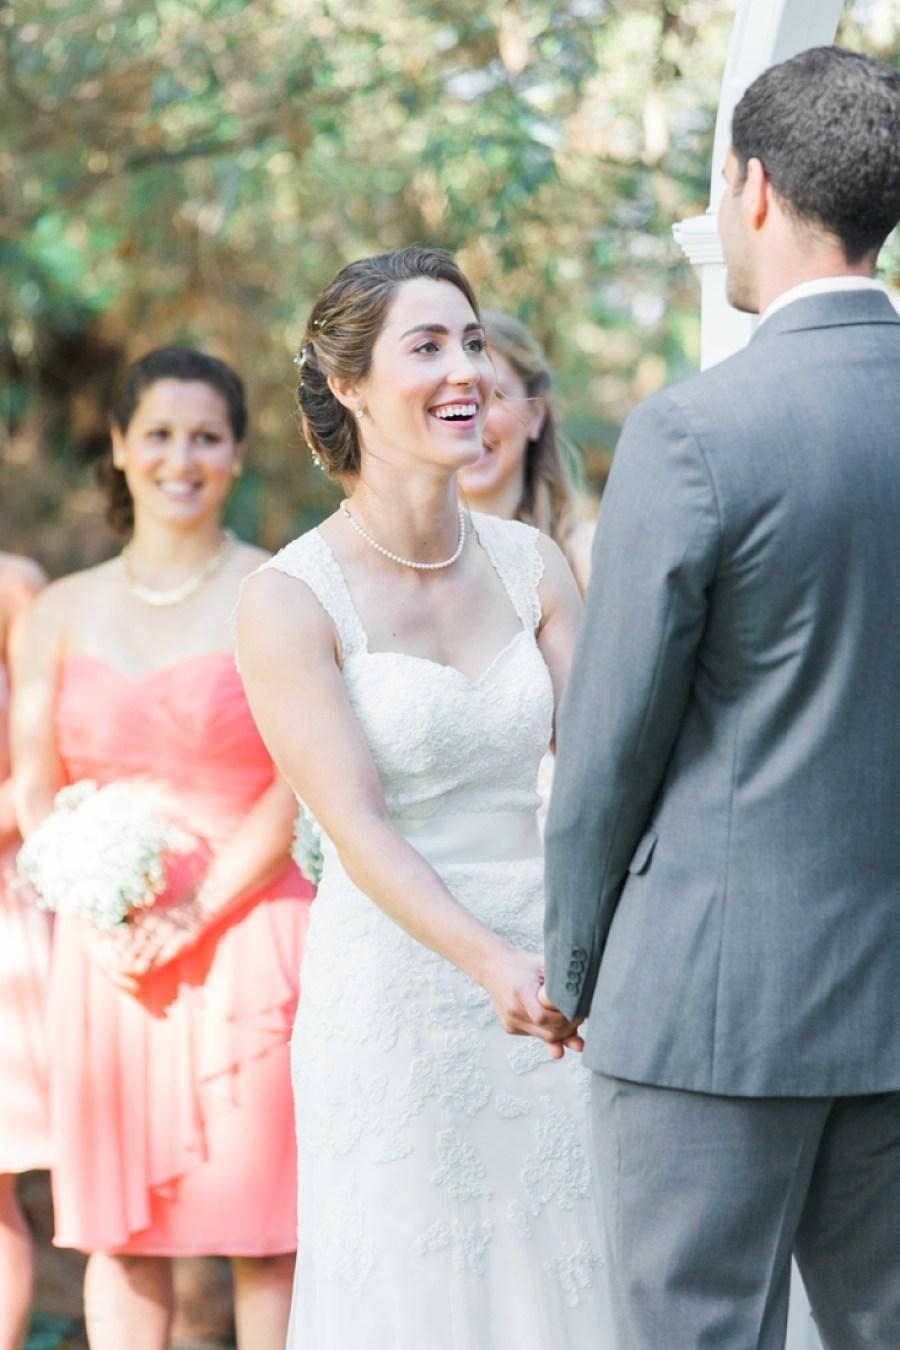 Bri_Cibene_Photography_Ribeiro_Wedding_0044